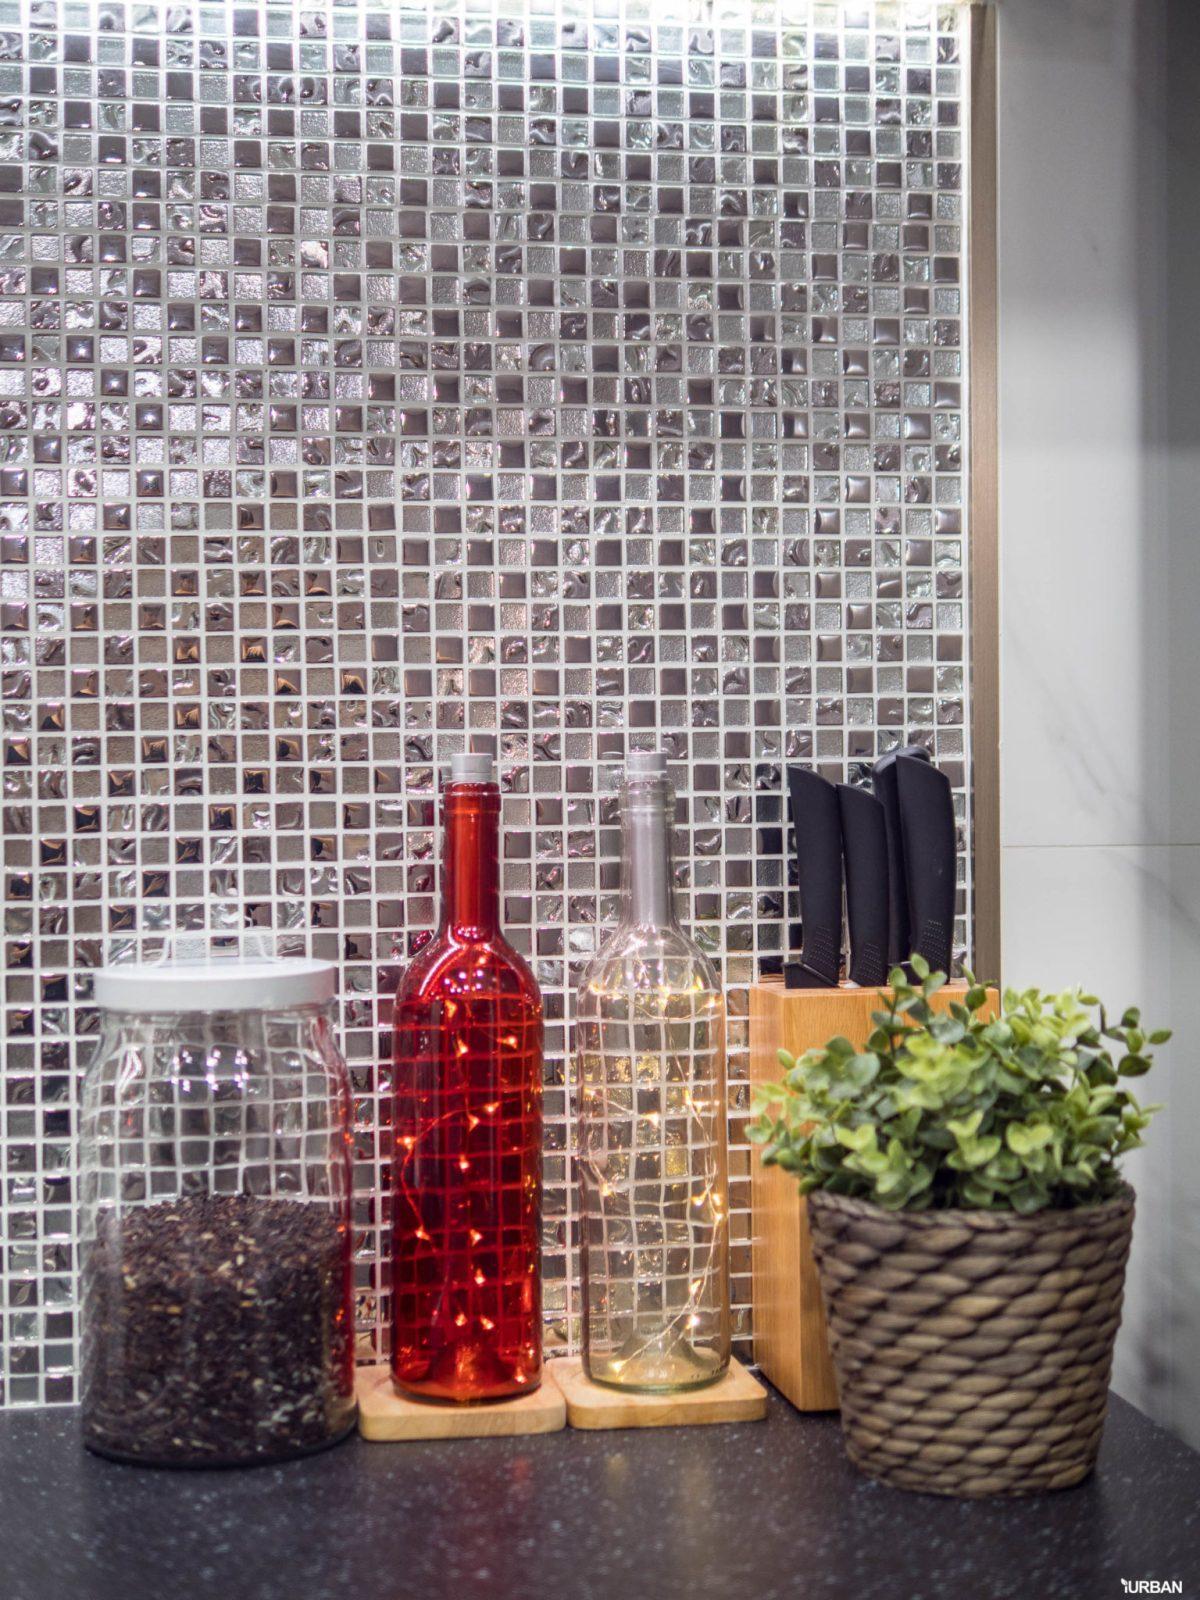 ไอเดียแต่งบ้าน รีโนเวทครัวให้สวยหรูสไตล์ Modern Luxury แบบจบงานไว ไม่กระทบโครงสร้างเดิม 95 - jorakay